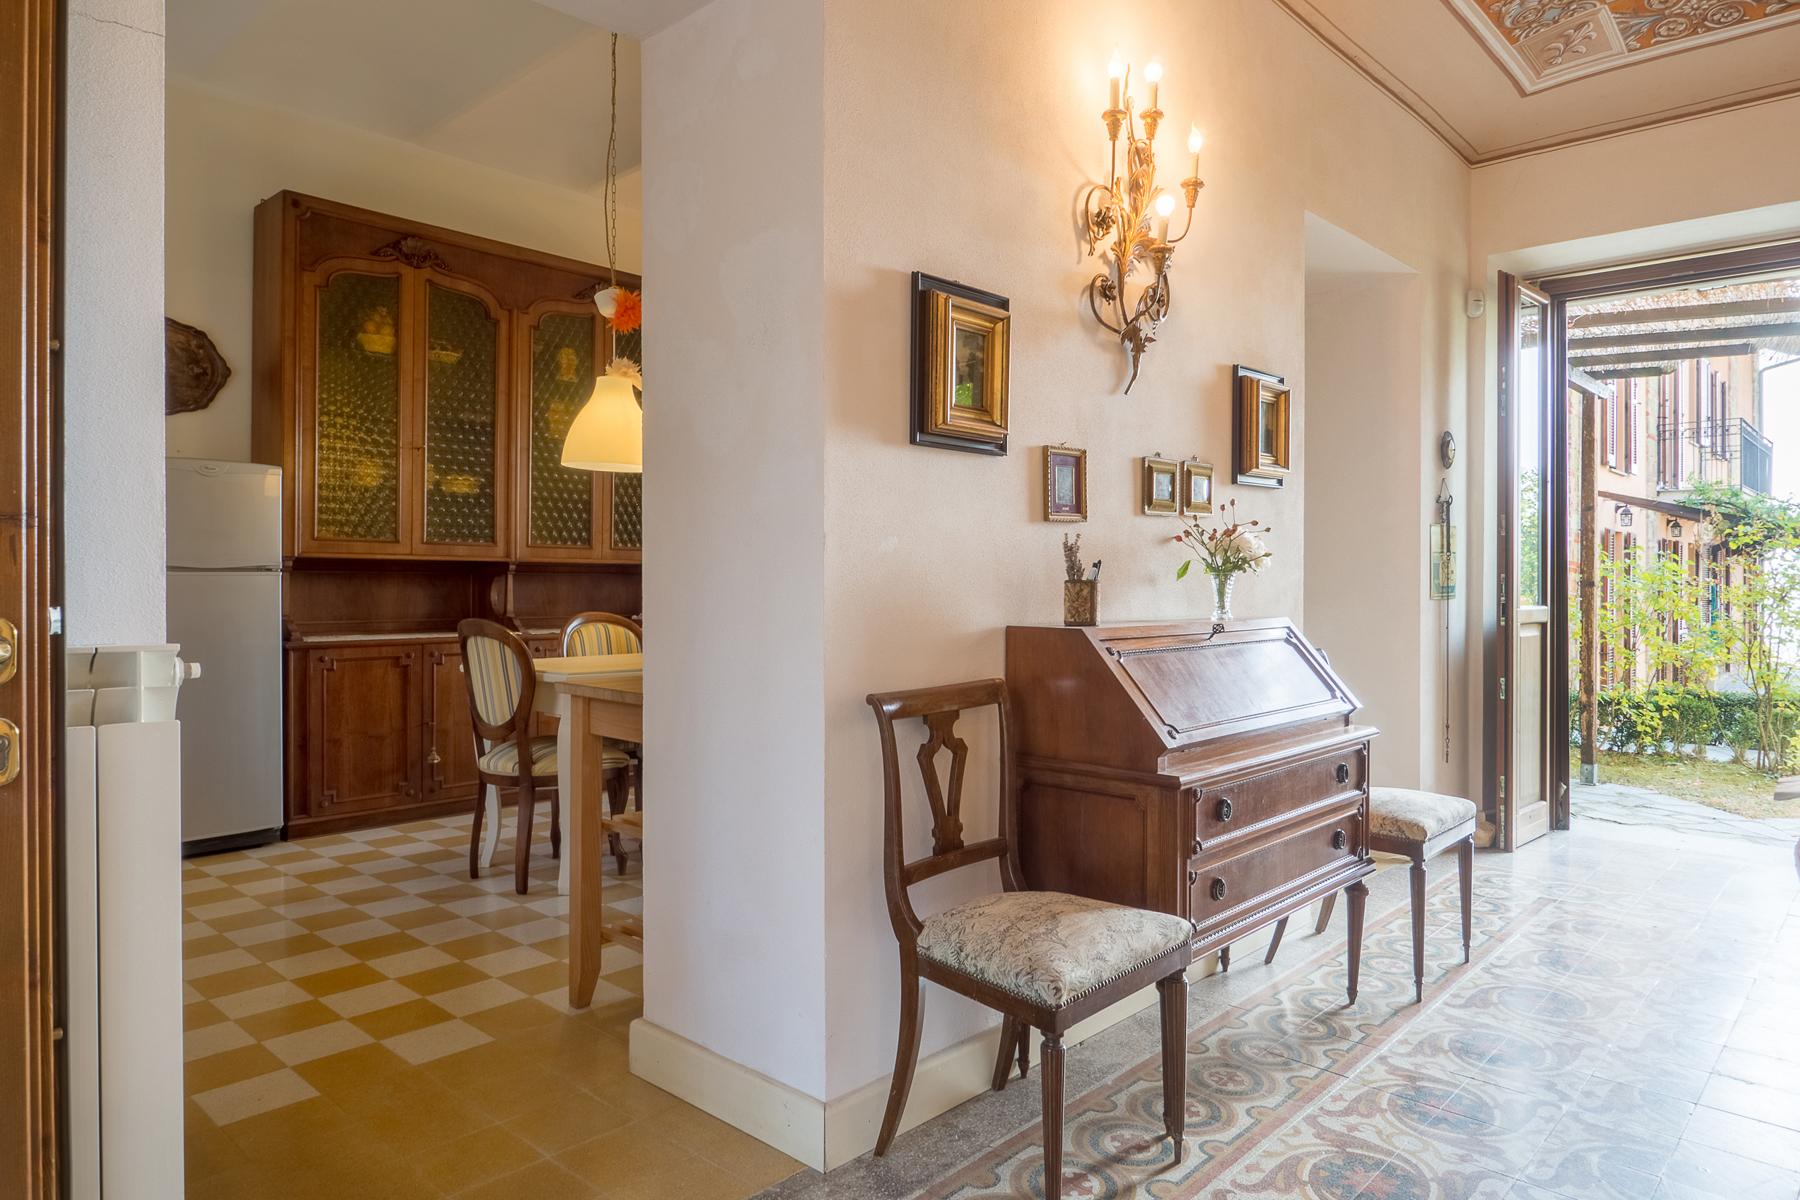 Appartamento in Vendita a Vignale Monferrato: 5 locali, 140 mq - Foto 6